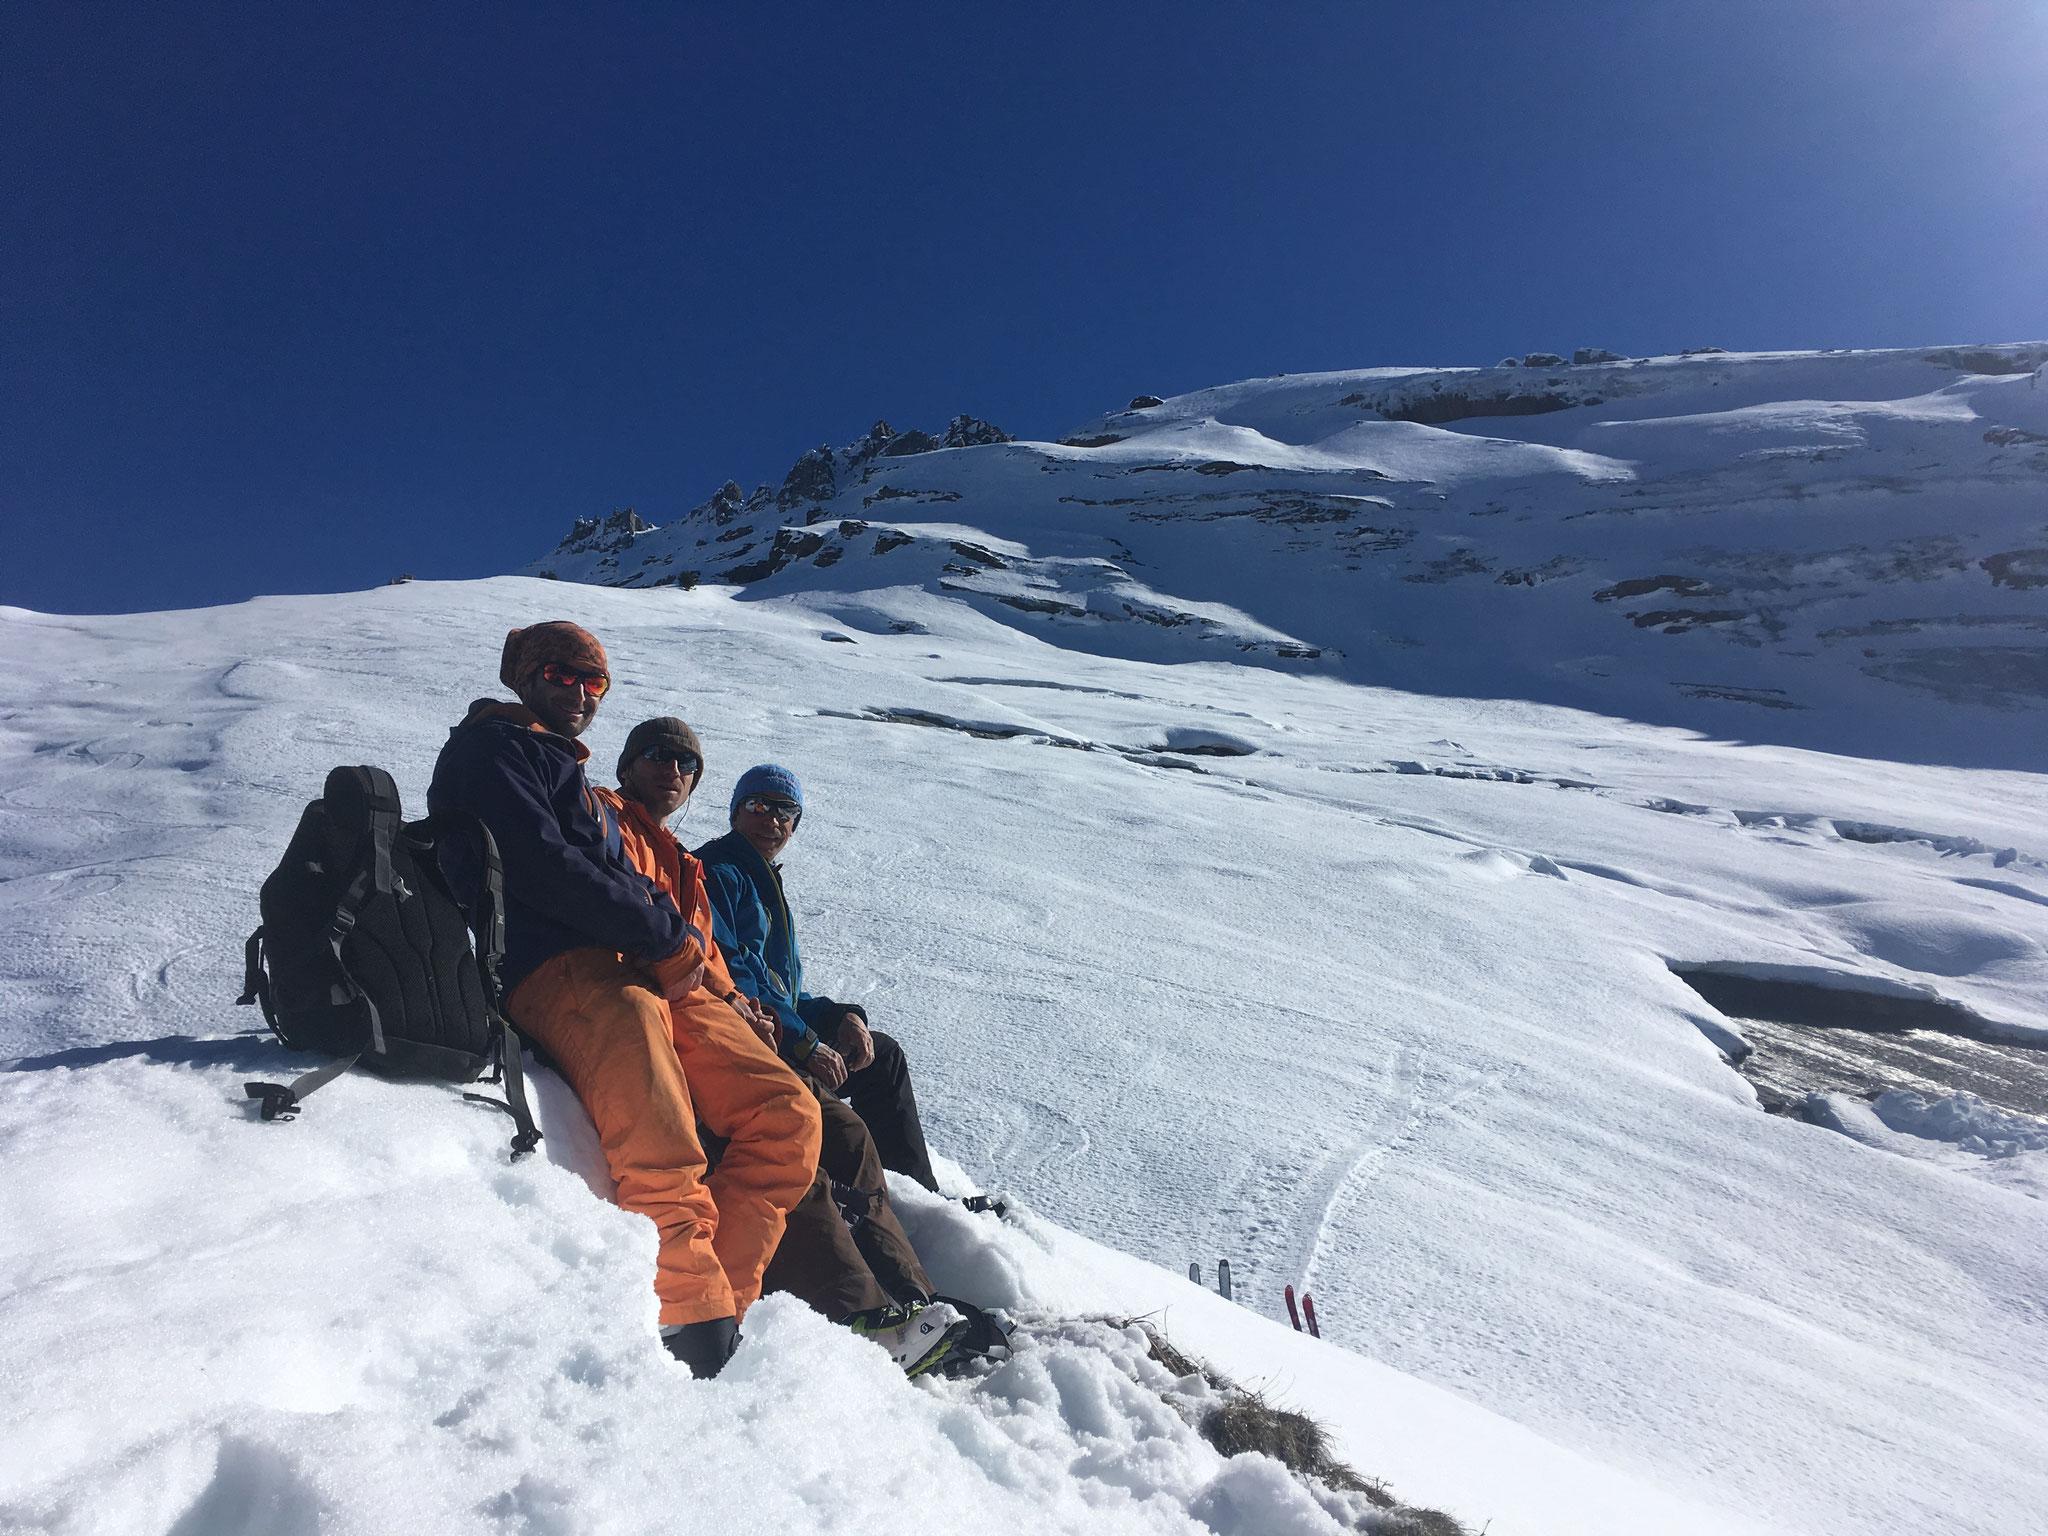 L'équipe au sommet, sur un banc taillé dans la neige